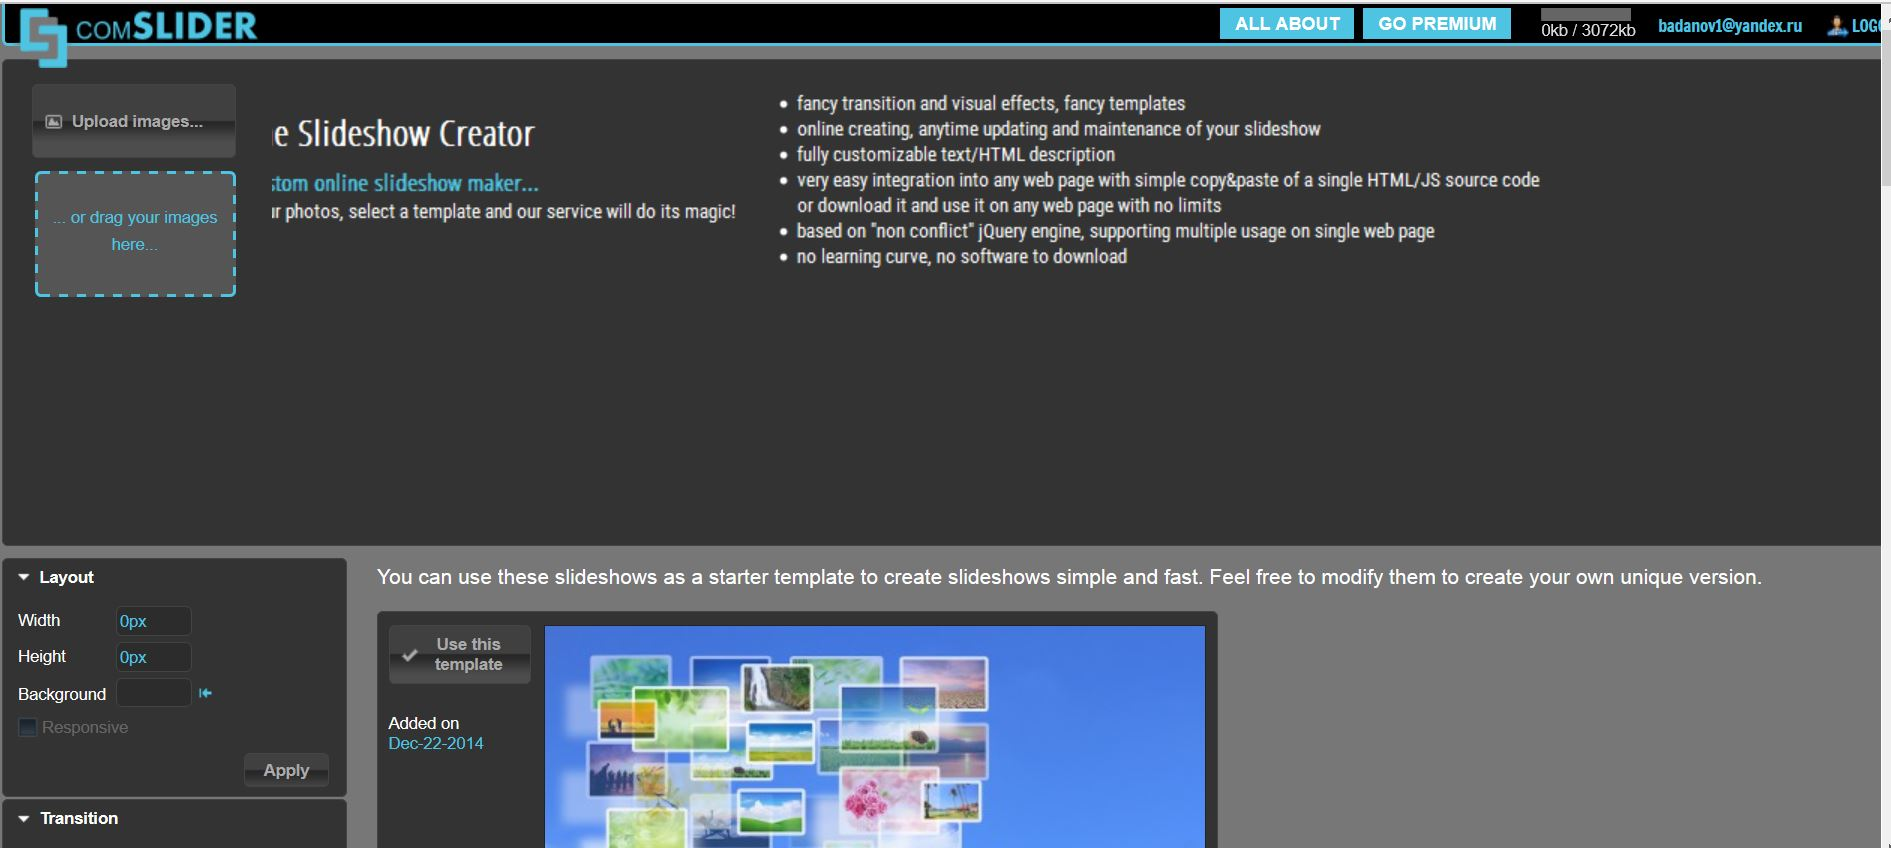 Как сделать слайд шоу на свой сайт